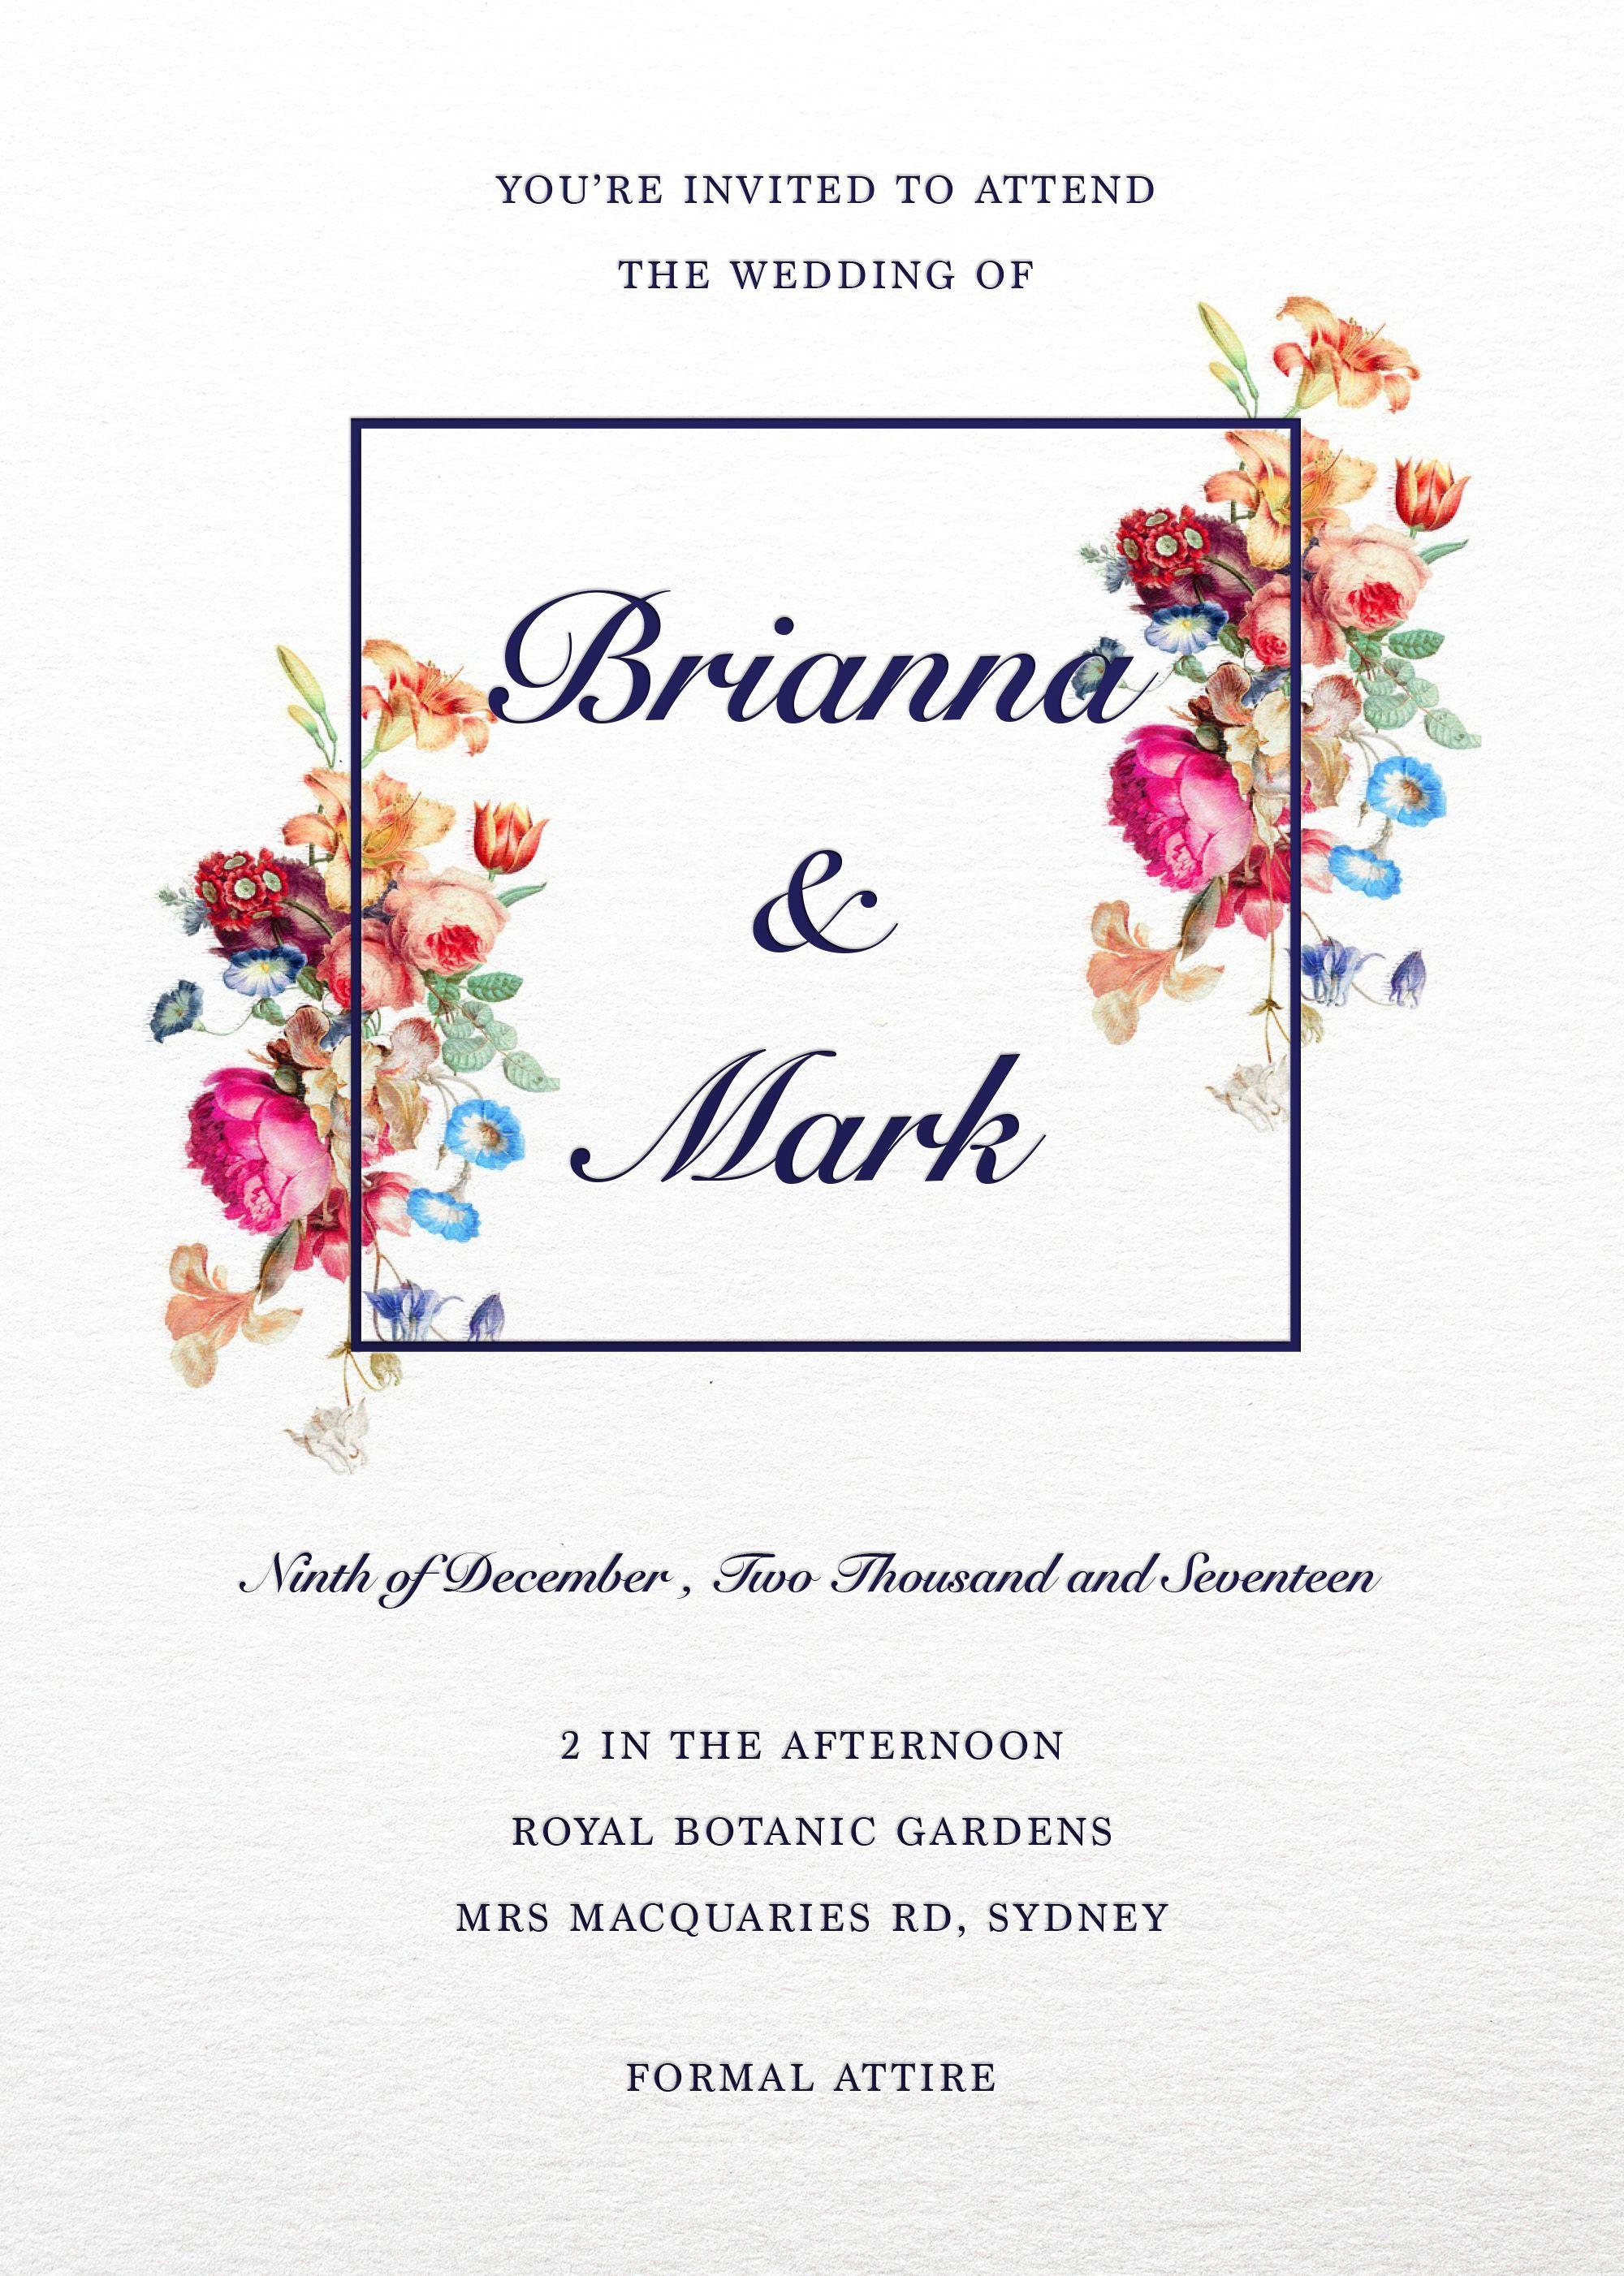 Vintage Floral - Wedding Invitations | Invitations | Pinterest ...